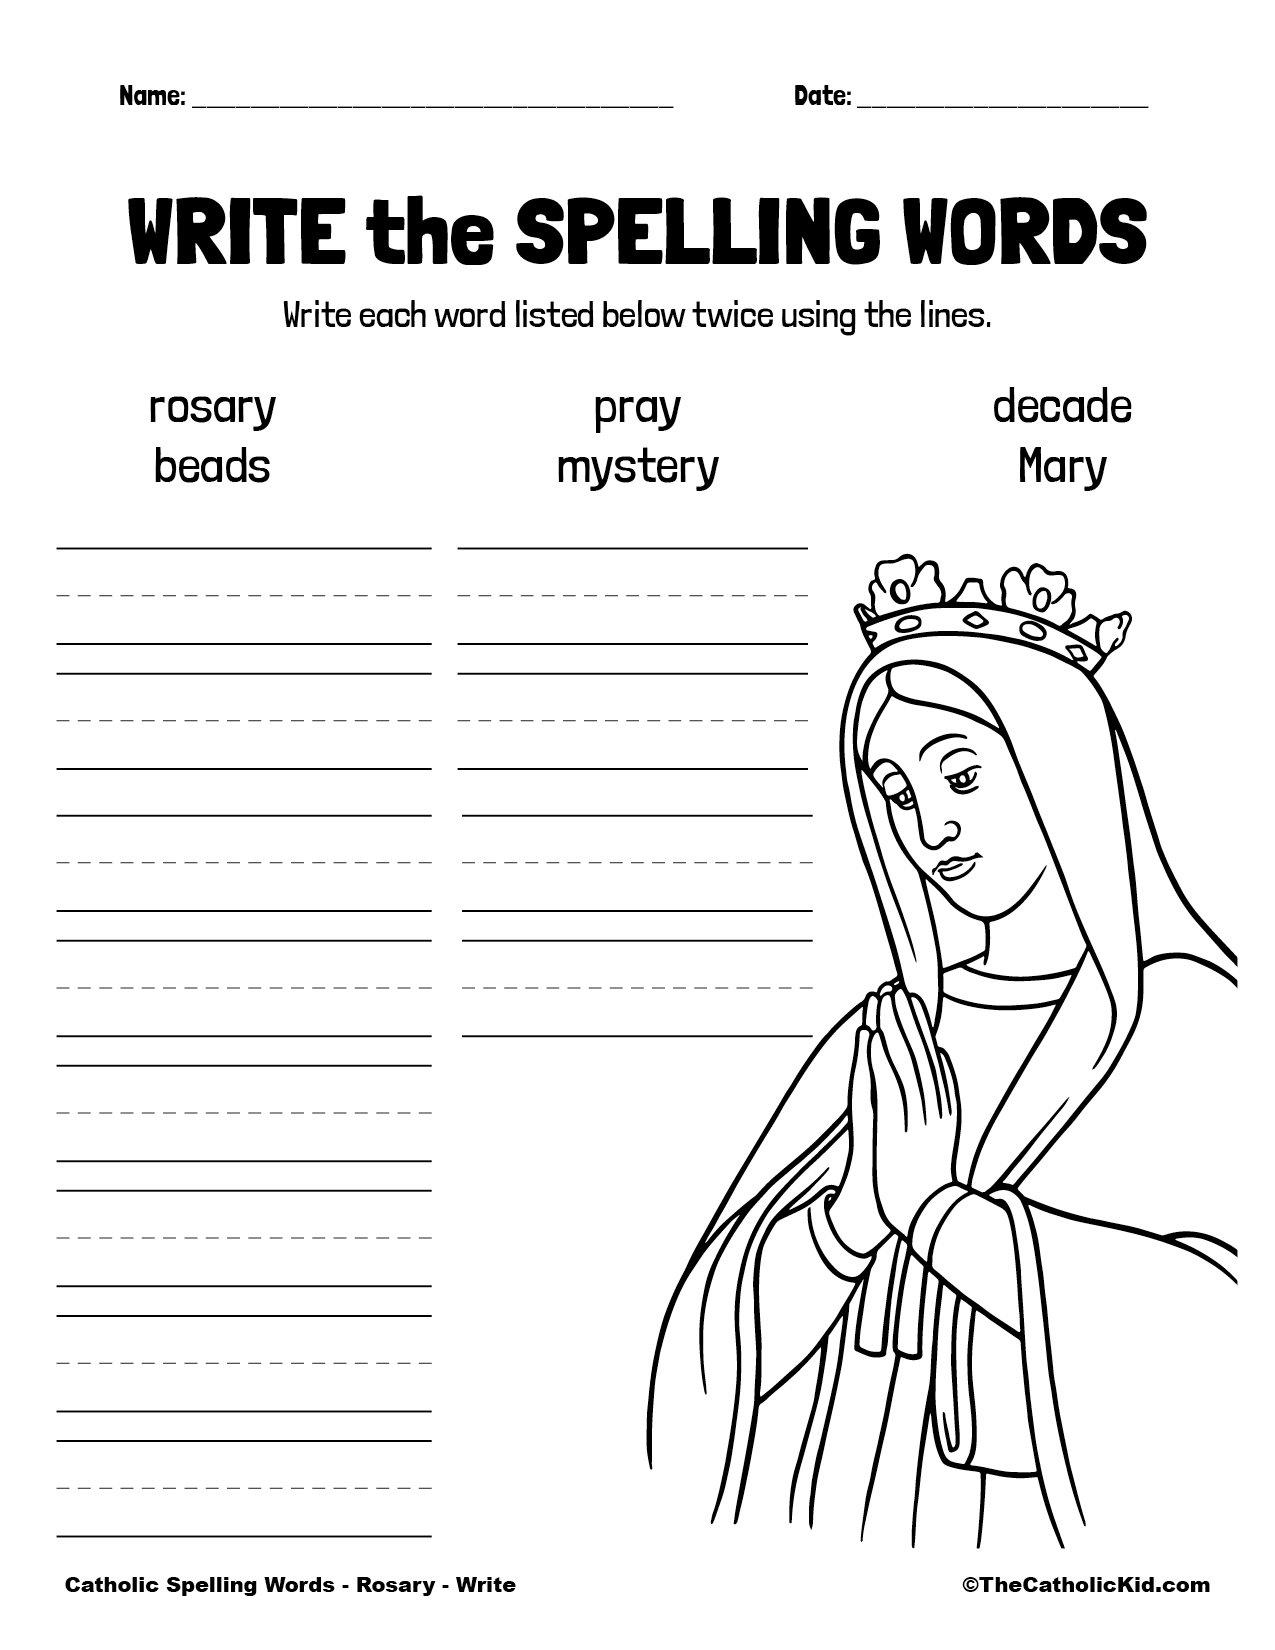 Catholic Spelling & Vocabulary Words Rosary Worksheet 3 Write